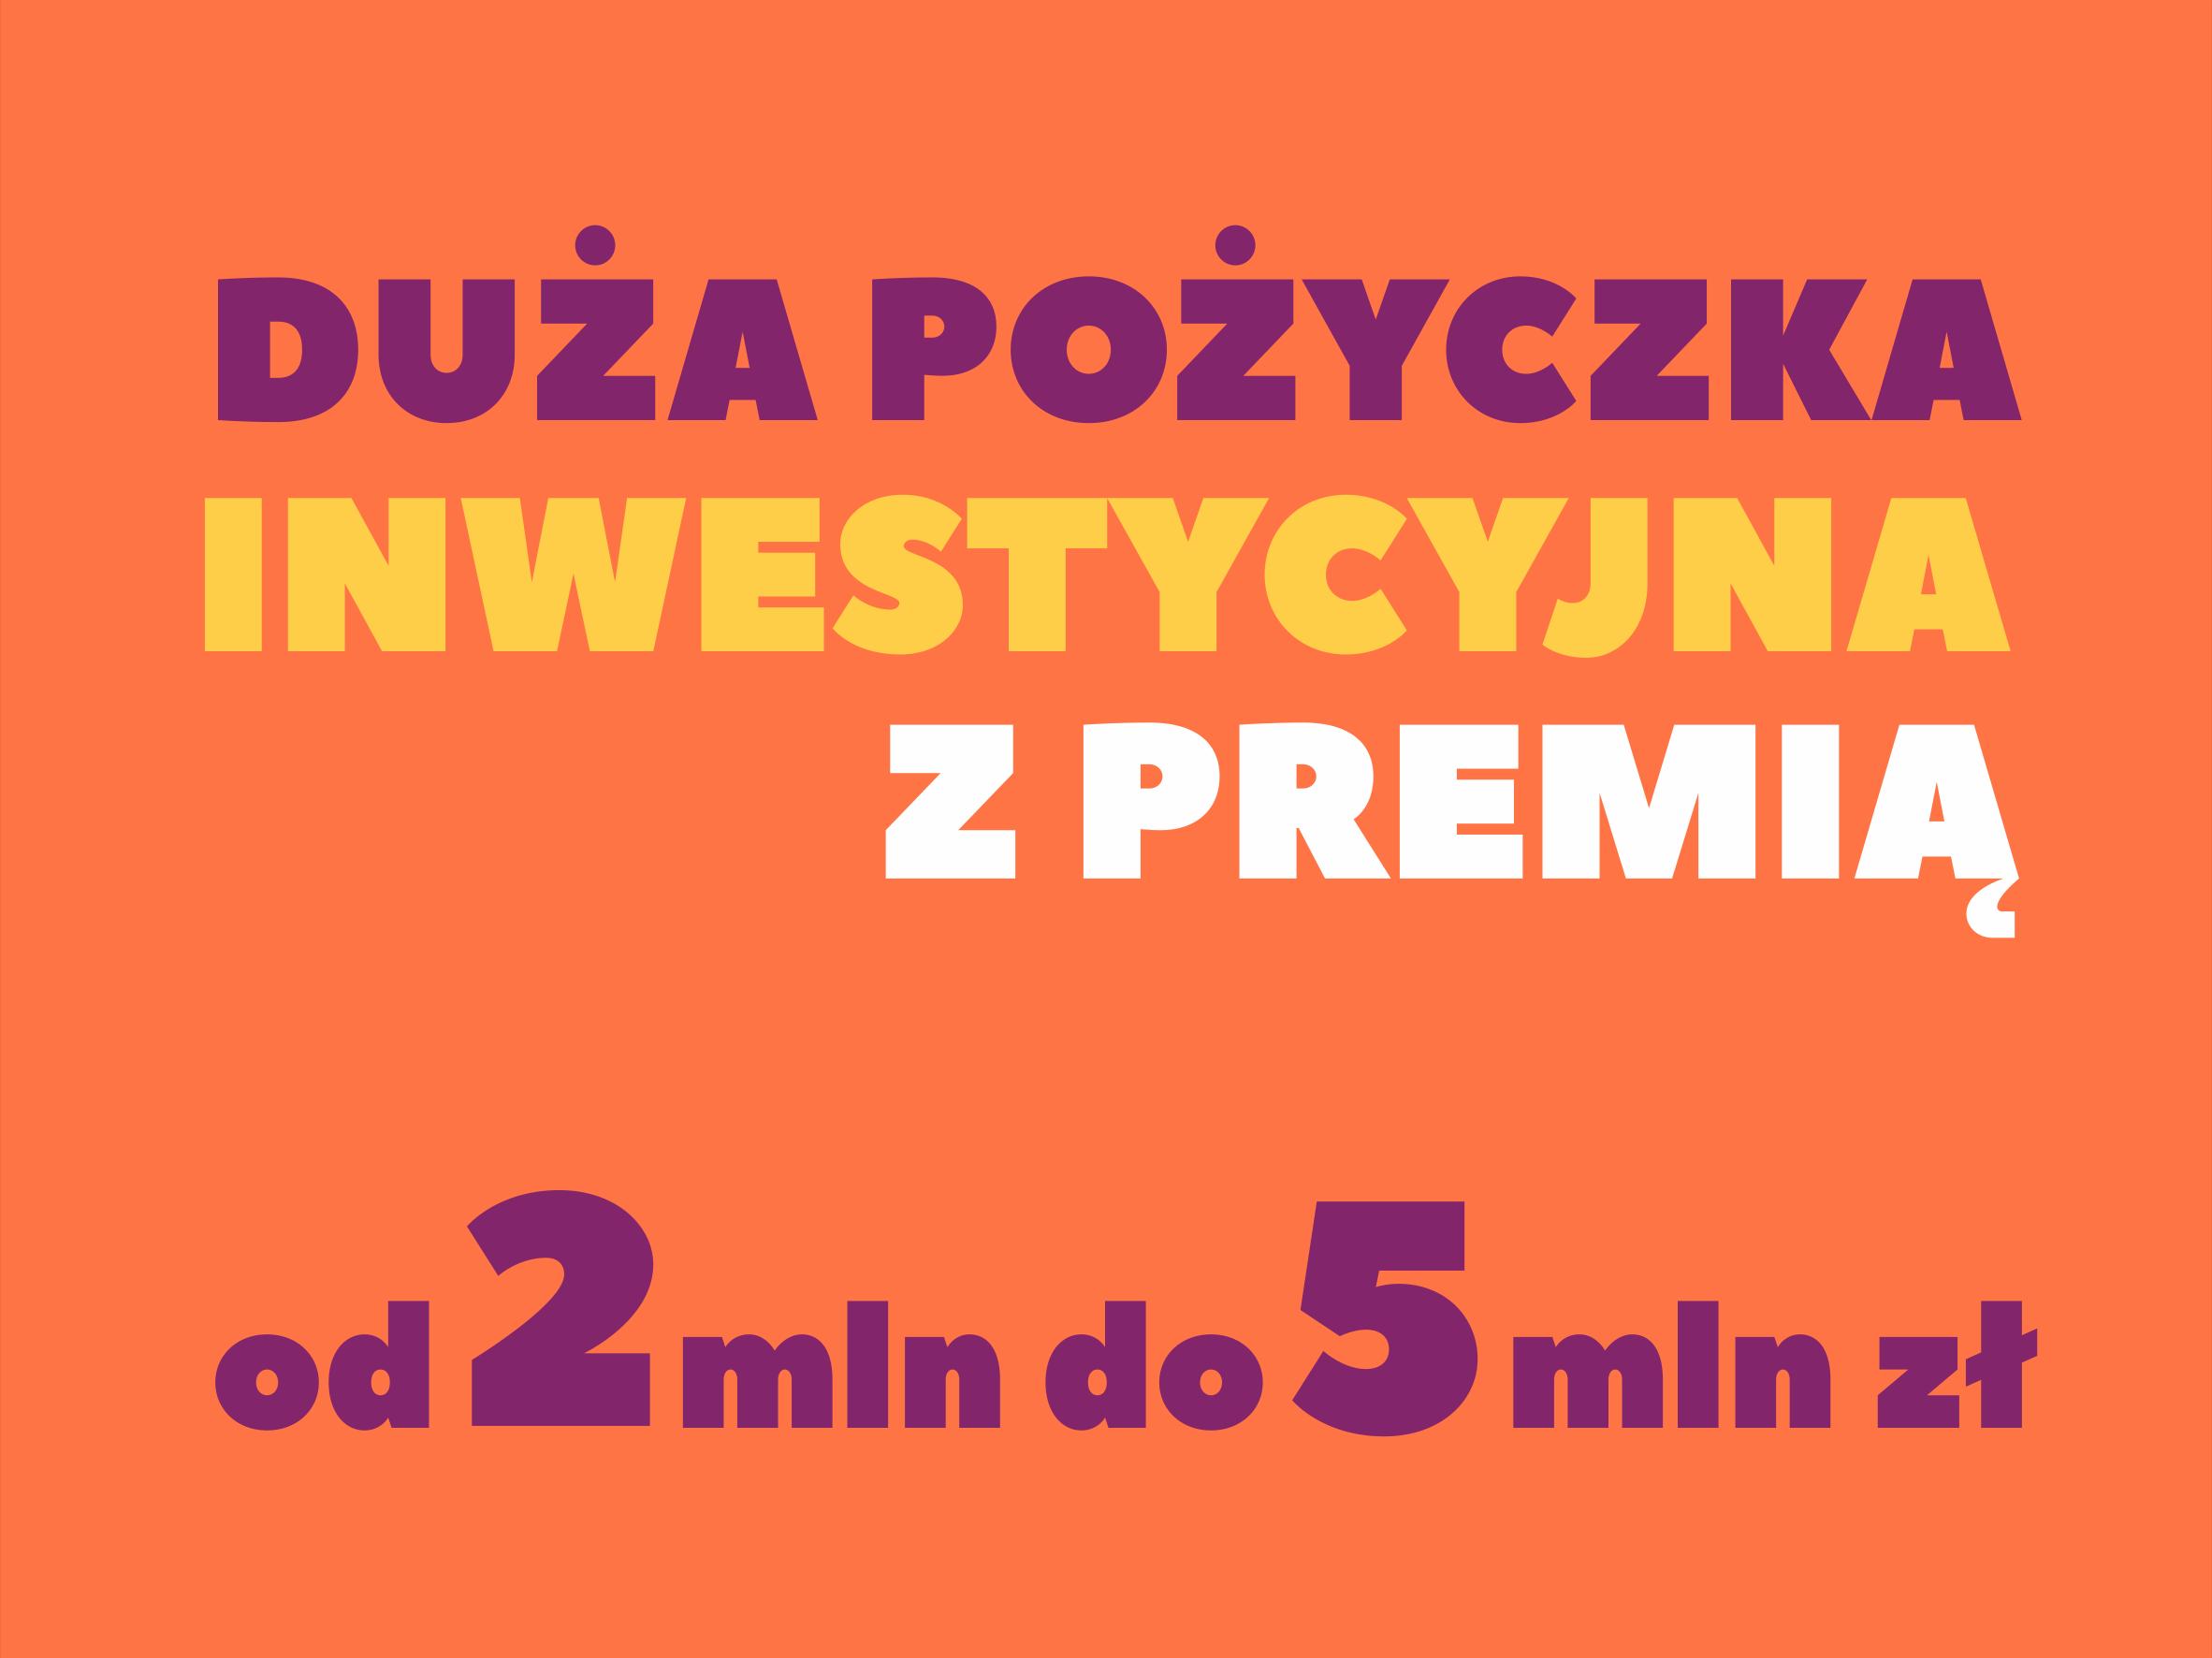 Duża Pożyczka Inwestycyjna z premią od 2 do 5 mln zł